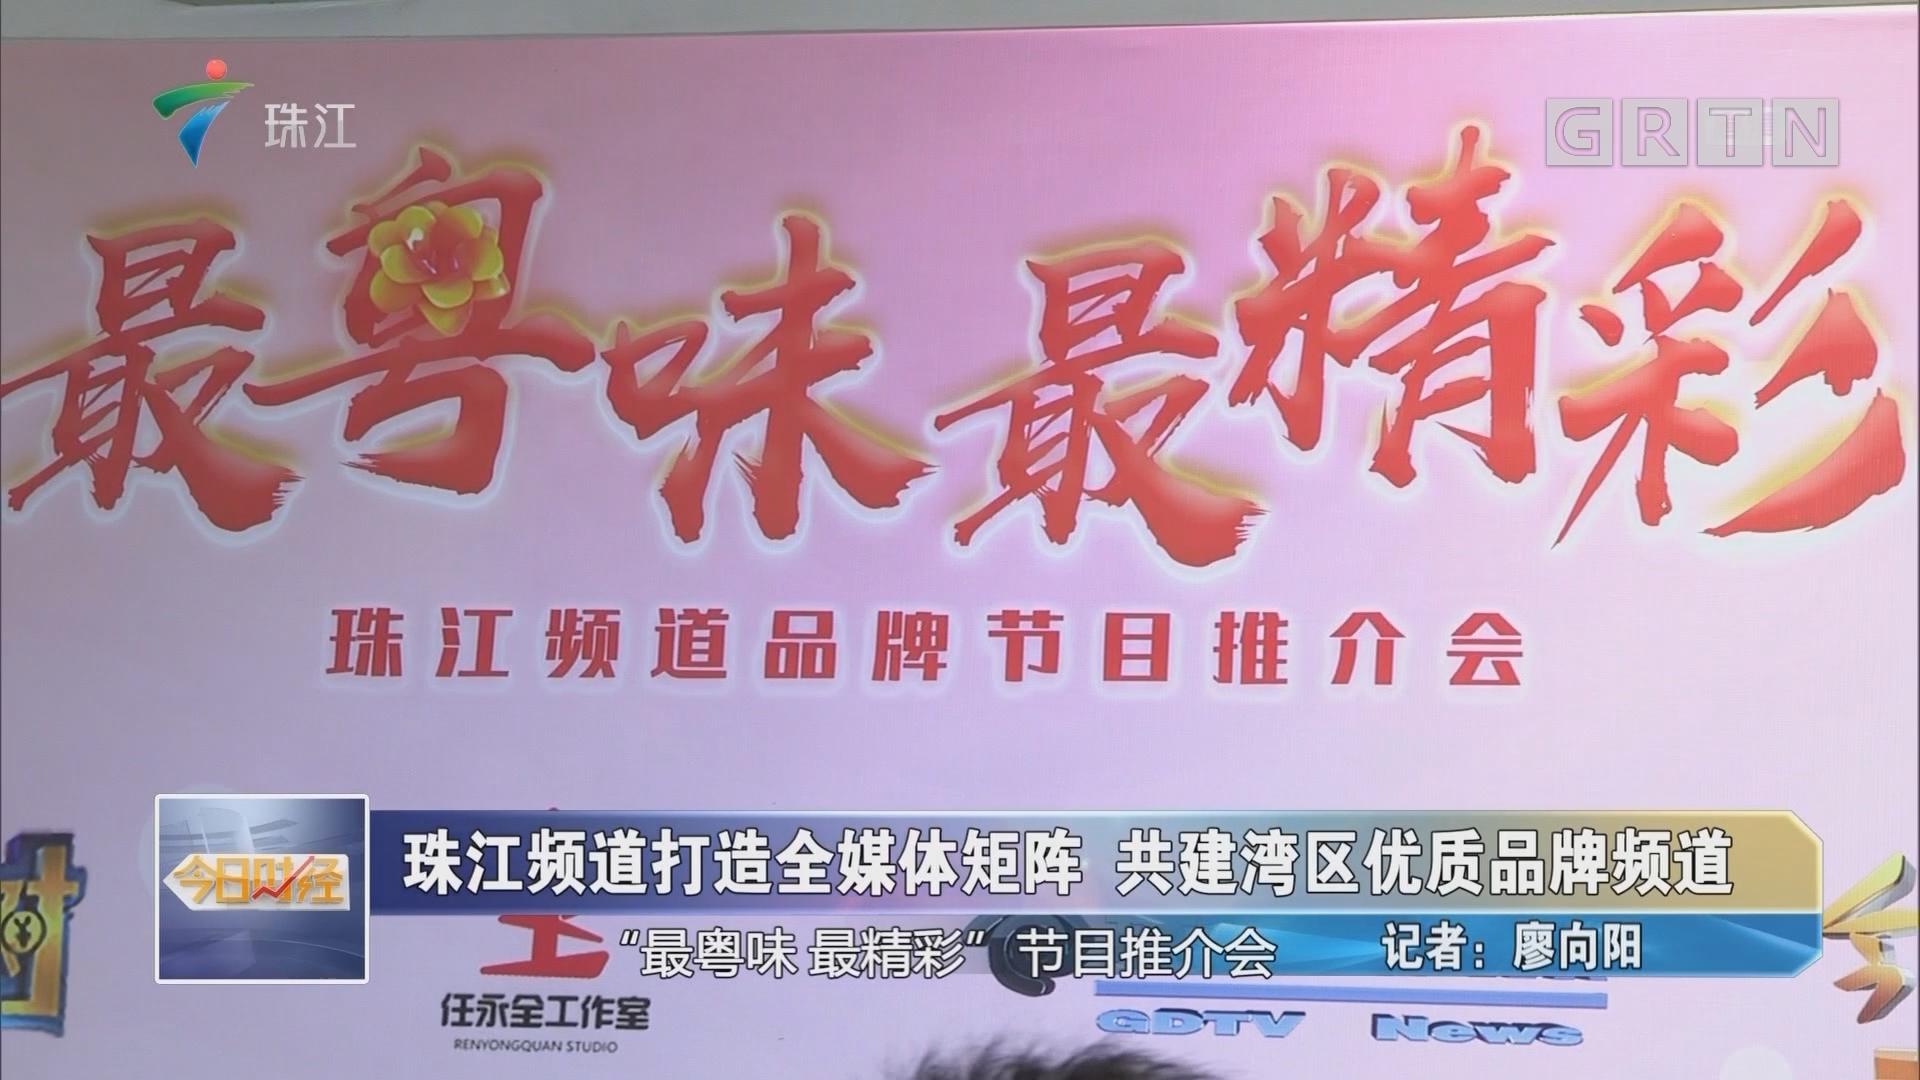 珠江频道打造全媒体矩阵 共建湾区优质品牌频道